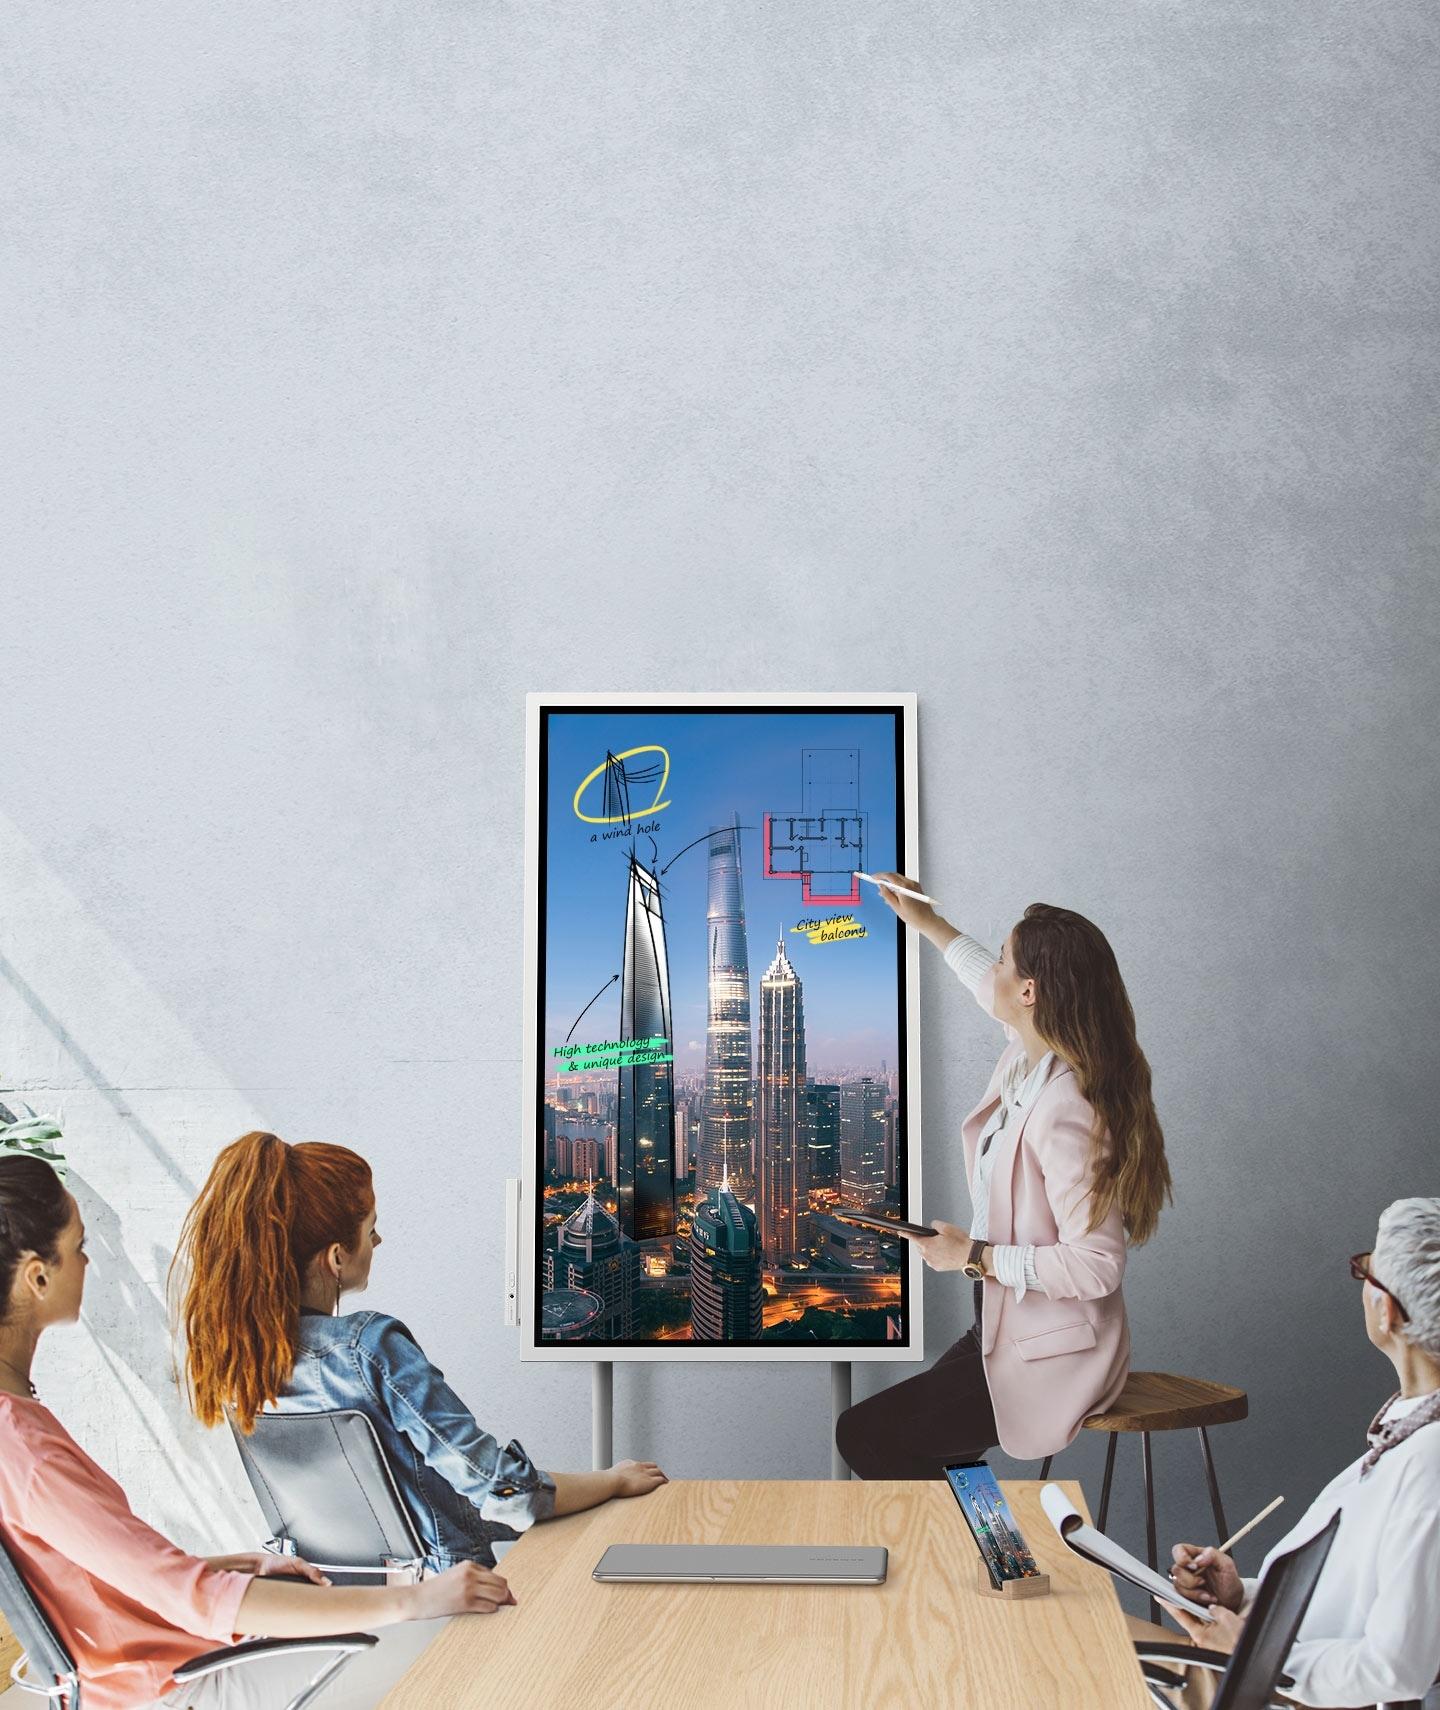 Aynı resimleri gösteren bir Samsung Flip cihazının ve bir akıllı telefonun bağlandığı toplantıdaki dört kişiyi gösteren bir resim. Dikey modda konumlandırılmış Samsung Flip ekranına bakıyorlar ve ikisi not alıyor.